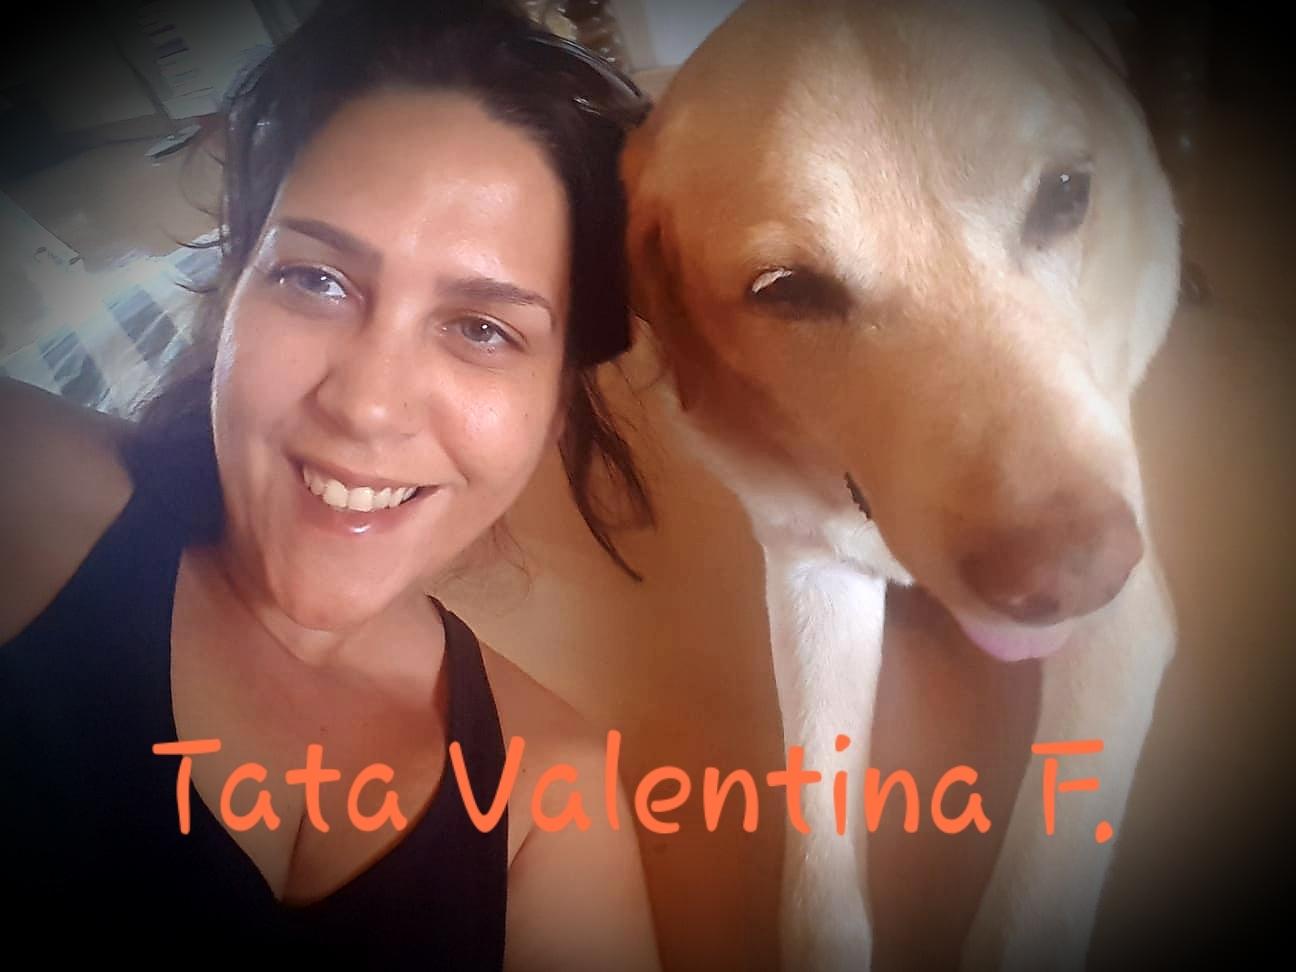 Tata Valentina F.